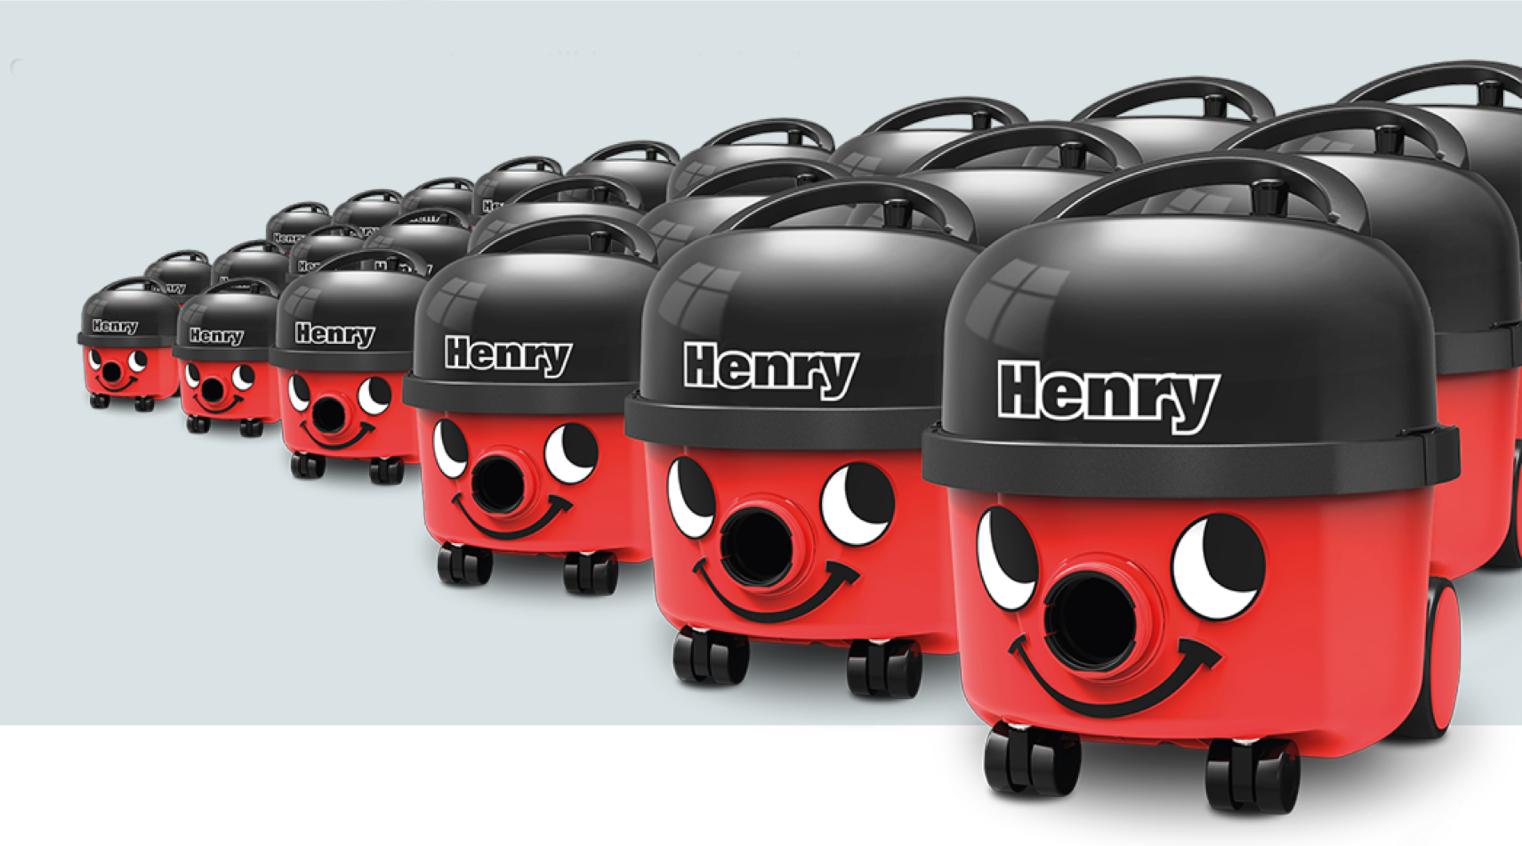 przemysłowa konstrukcja odkurzacz Numatic Henry HVR200